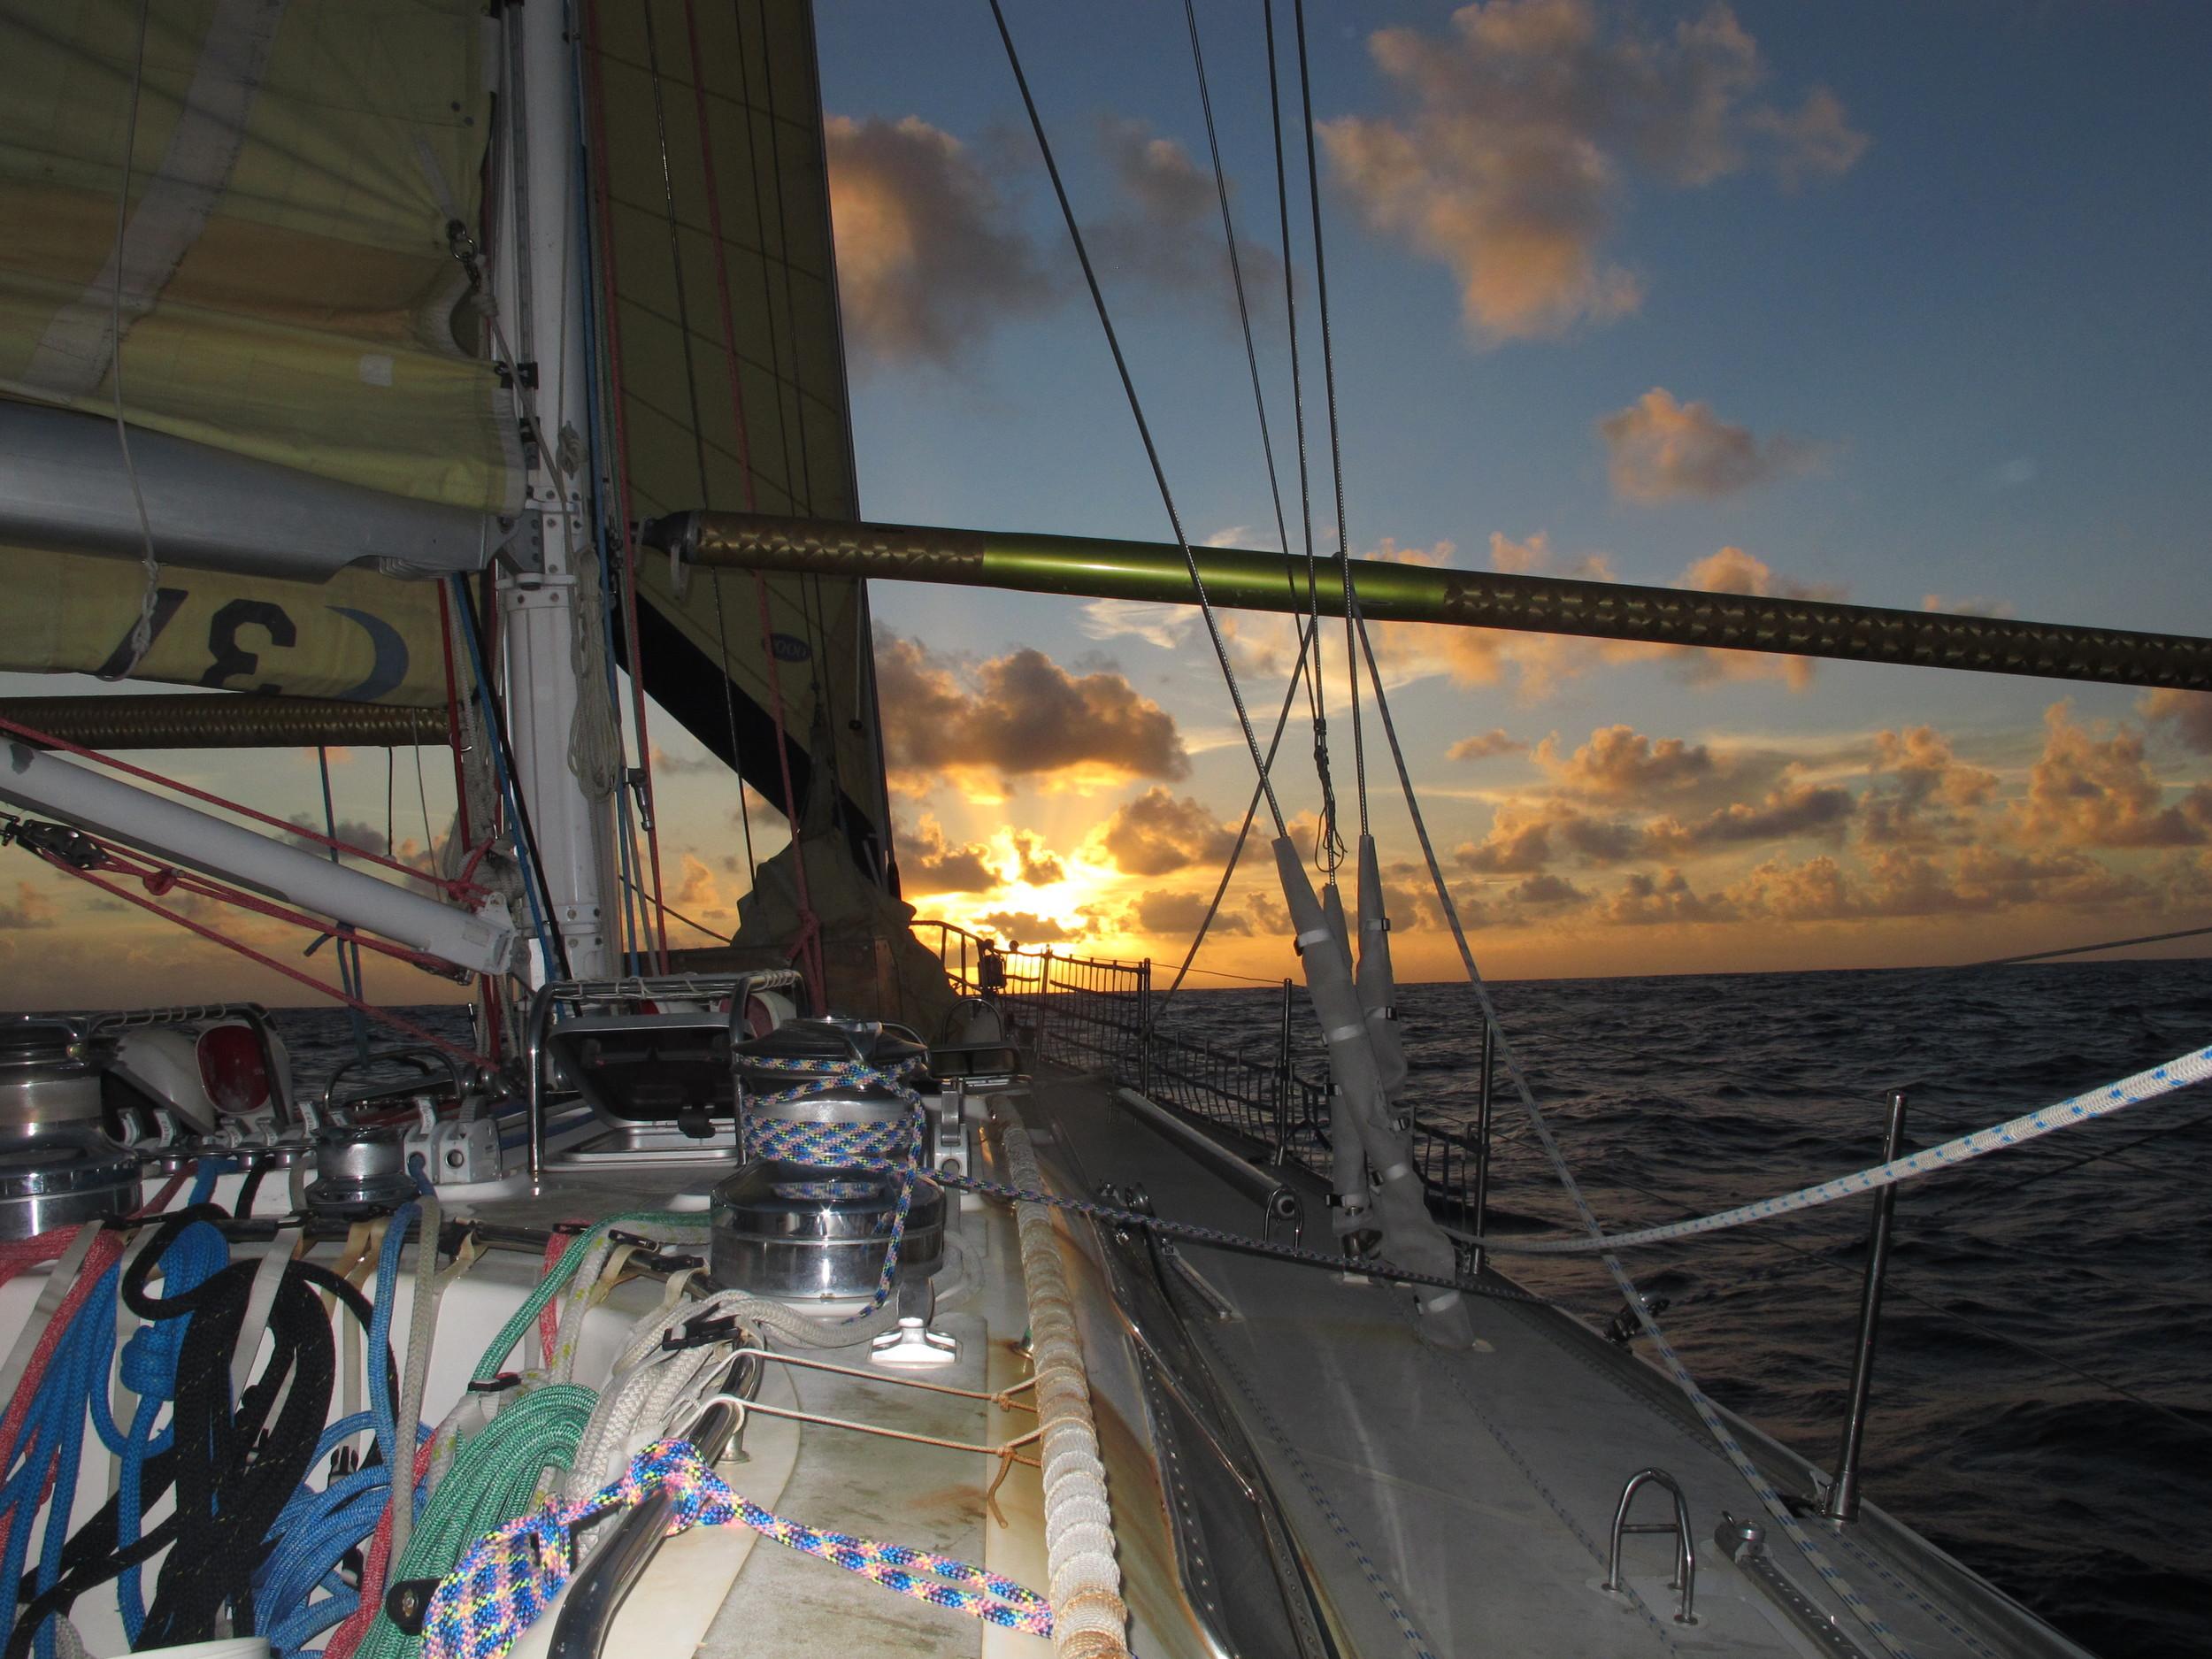 sunset_boatdeck.jpg